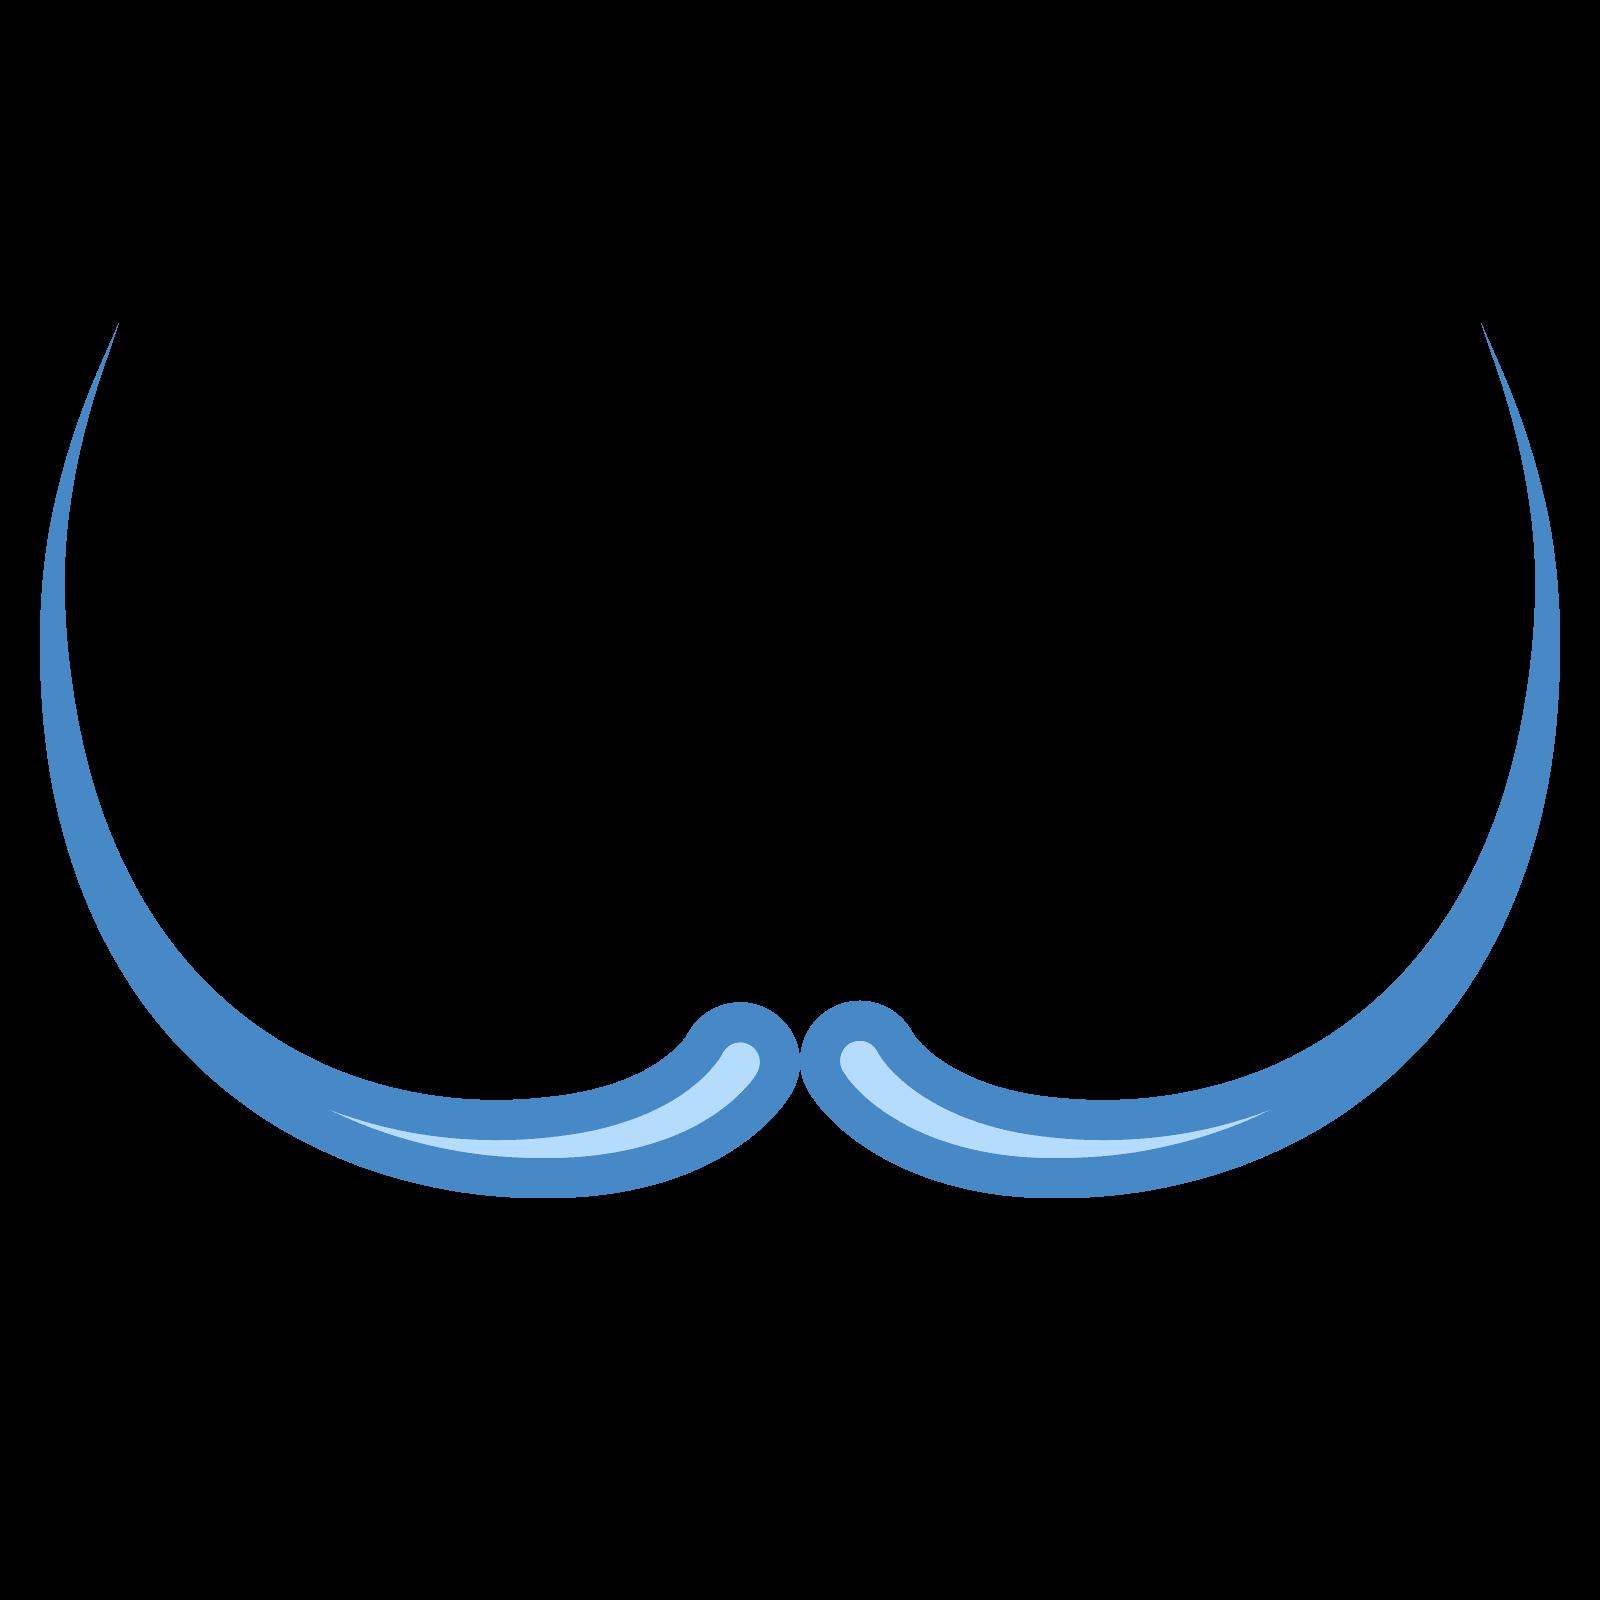 Dali icon free download. Einstein clipart mustache